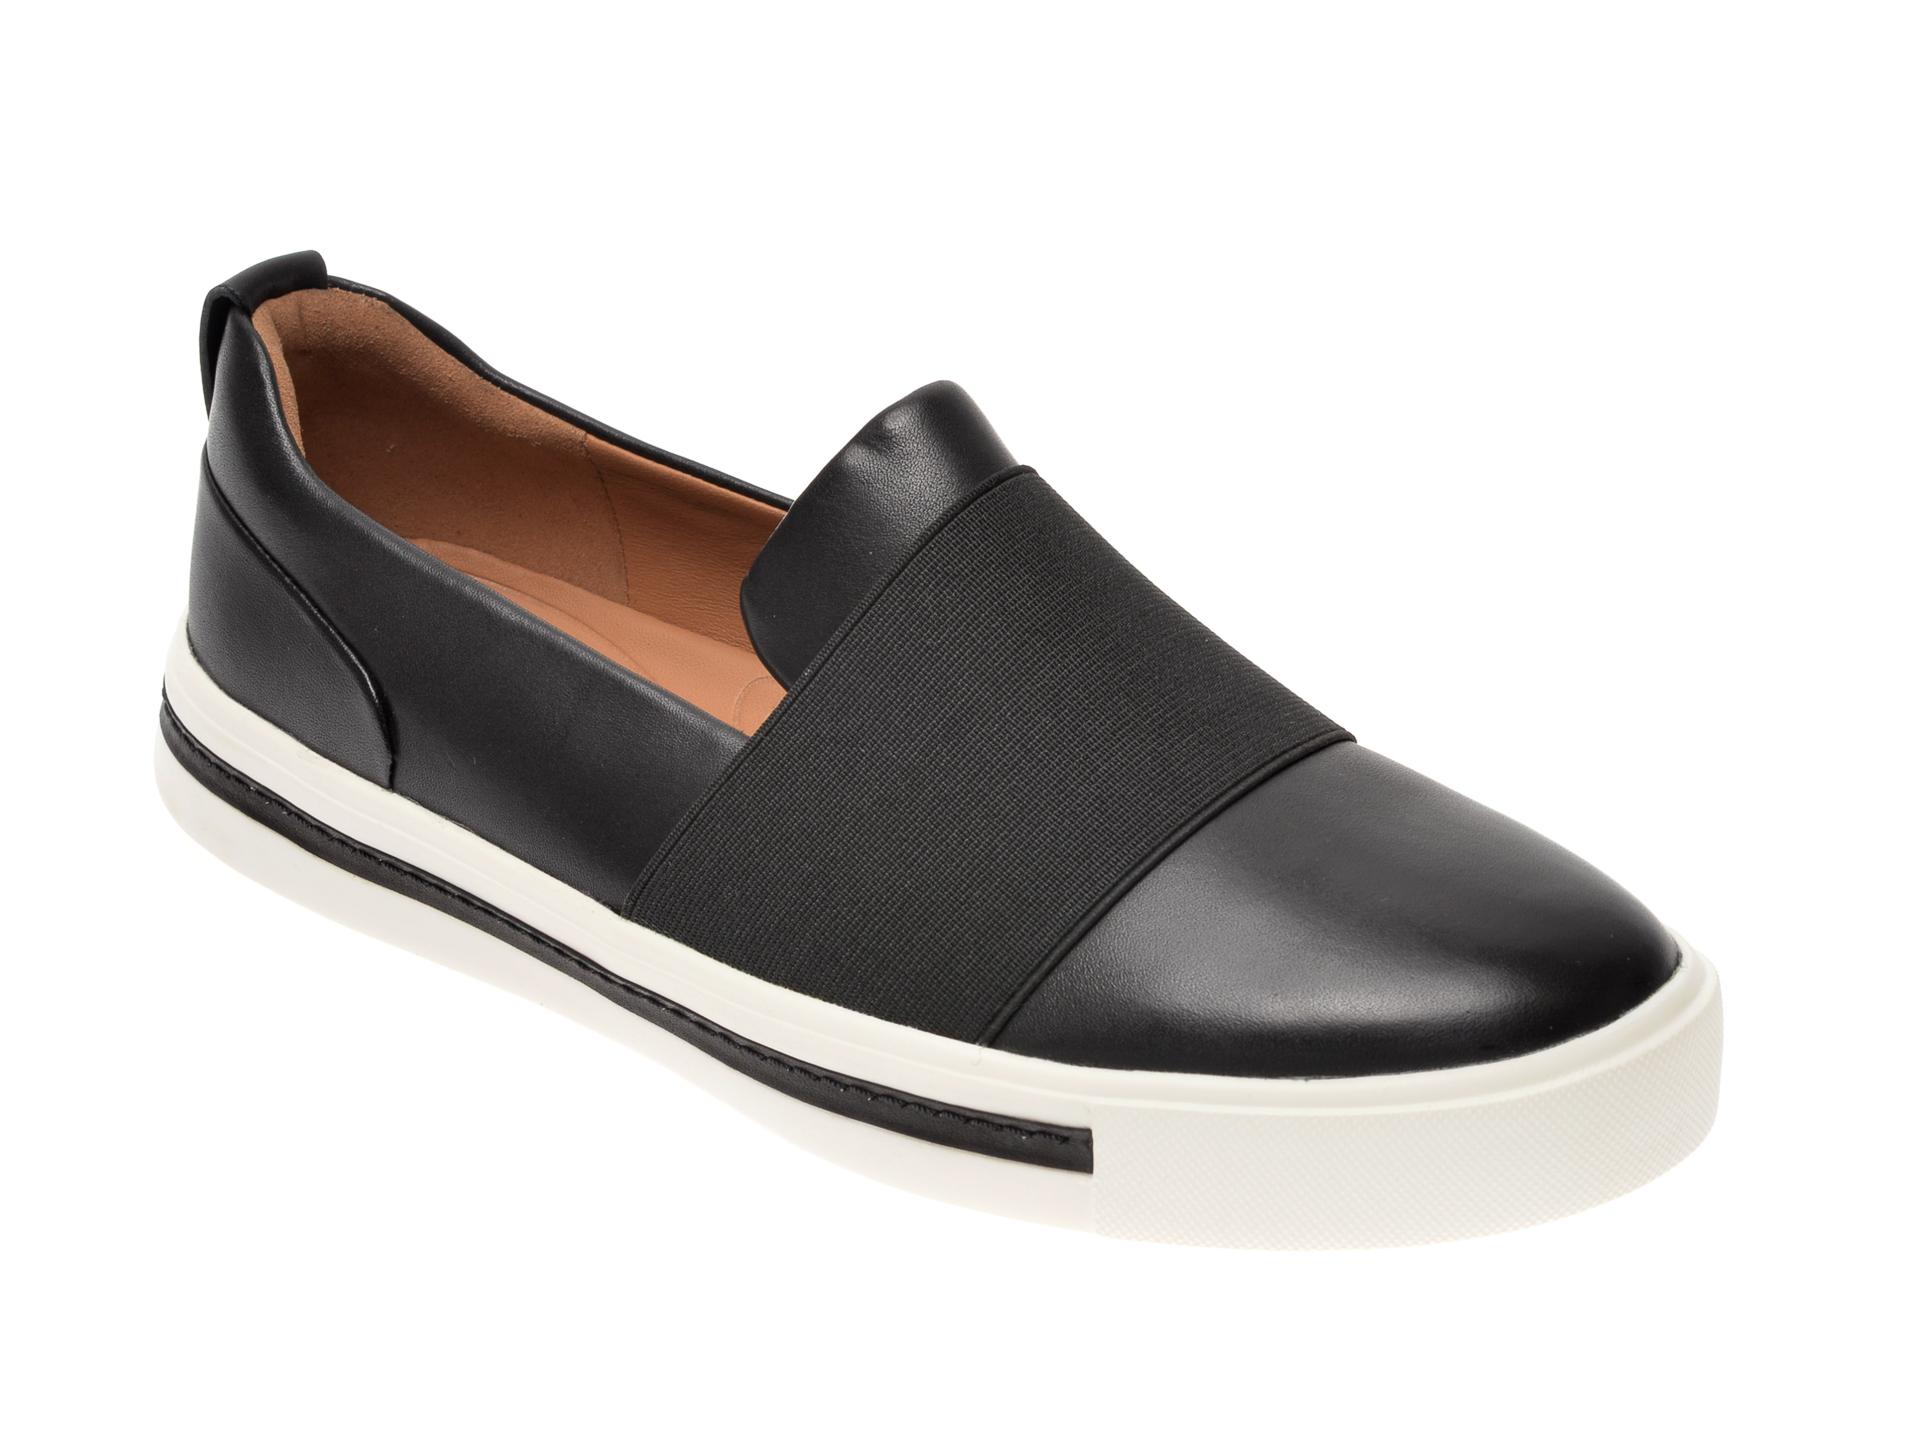 Pantofi CLARKS alb-negru, Un Maui Strap, din piele naturala imagine